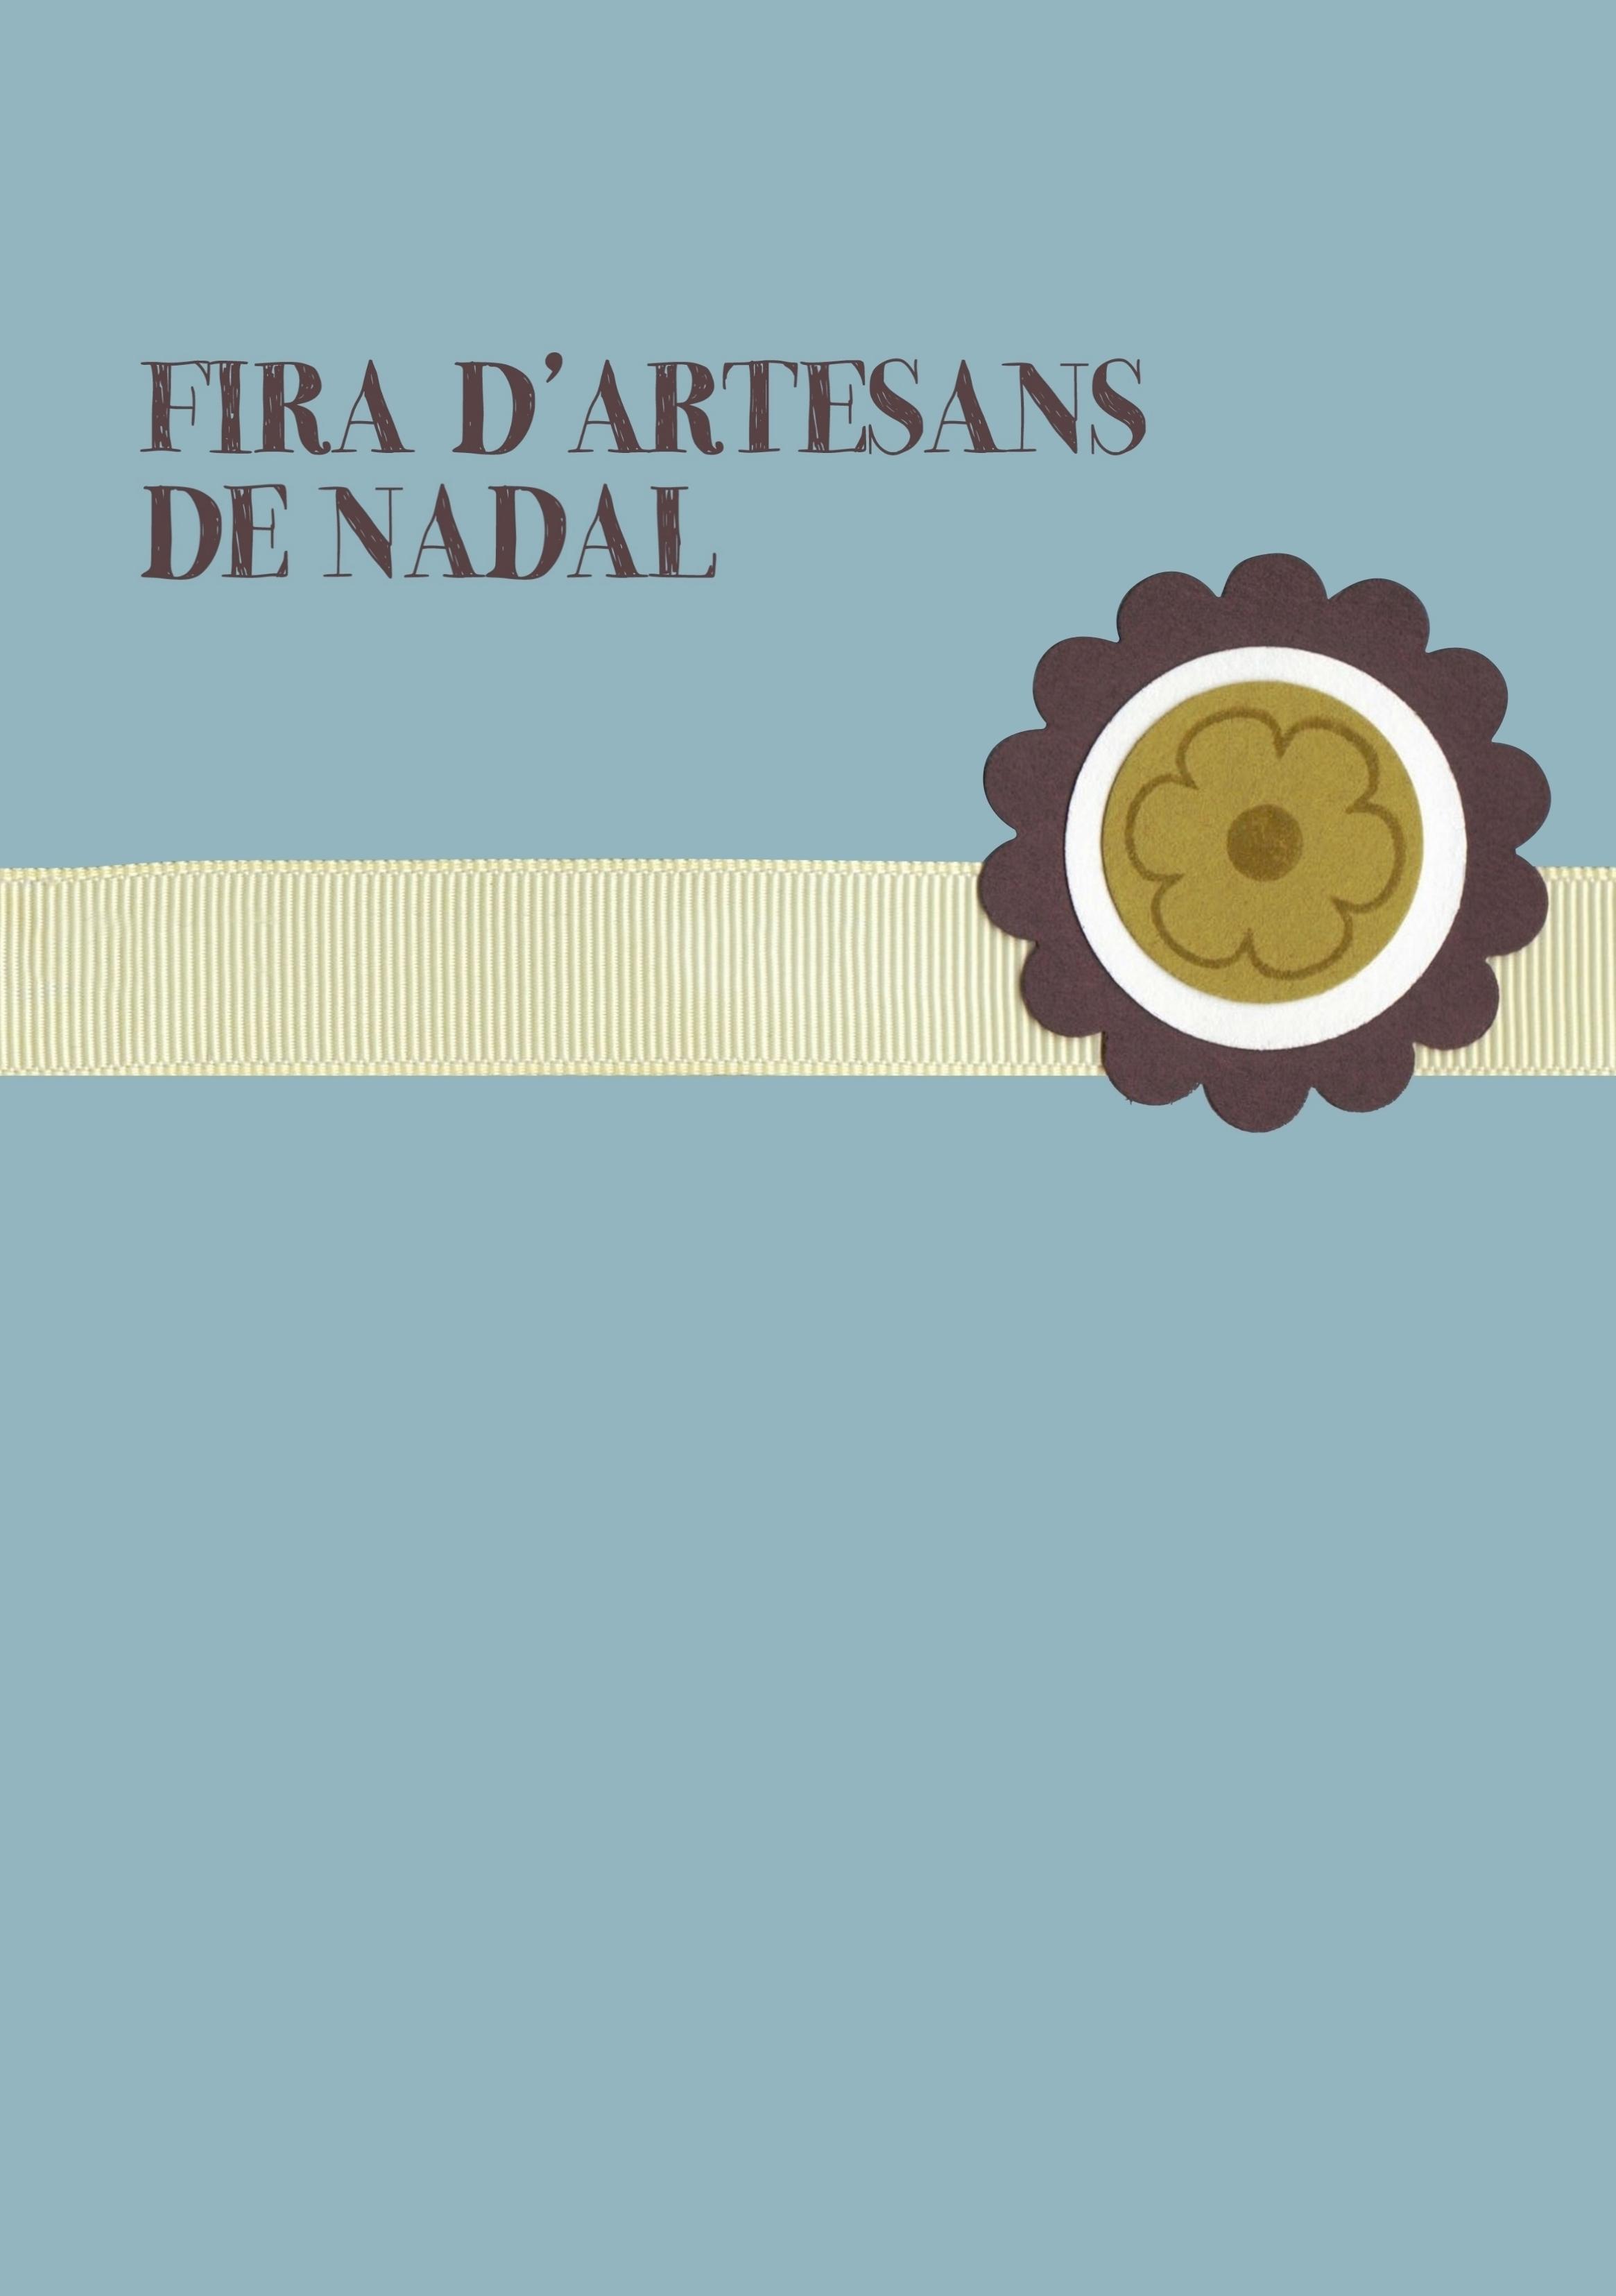 FIRA D'ARTESANS DE NADAL